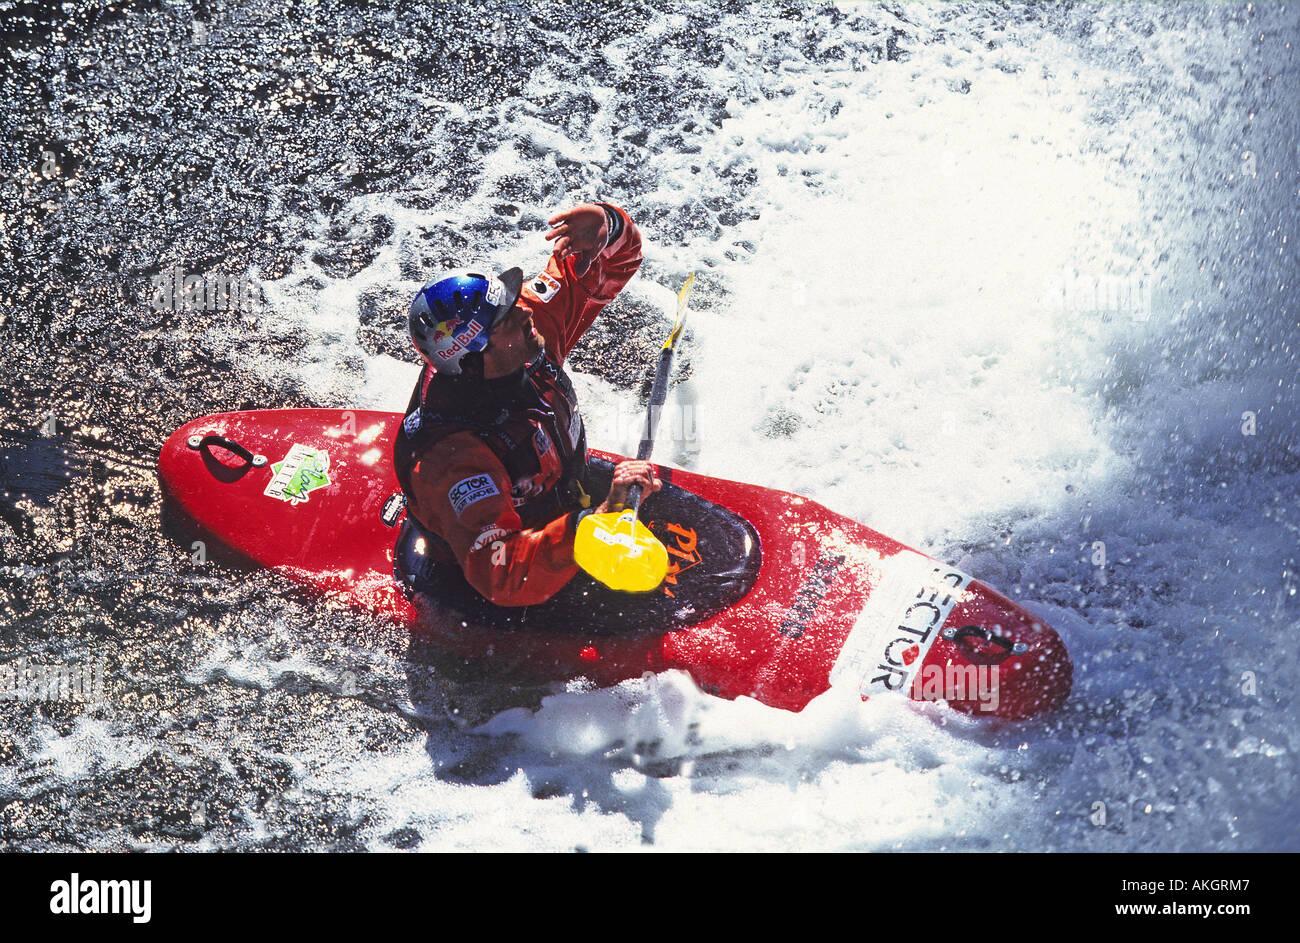 Shaun Baker kayaking under a waterfall - Stock Image